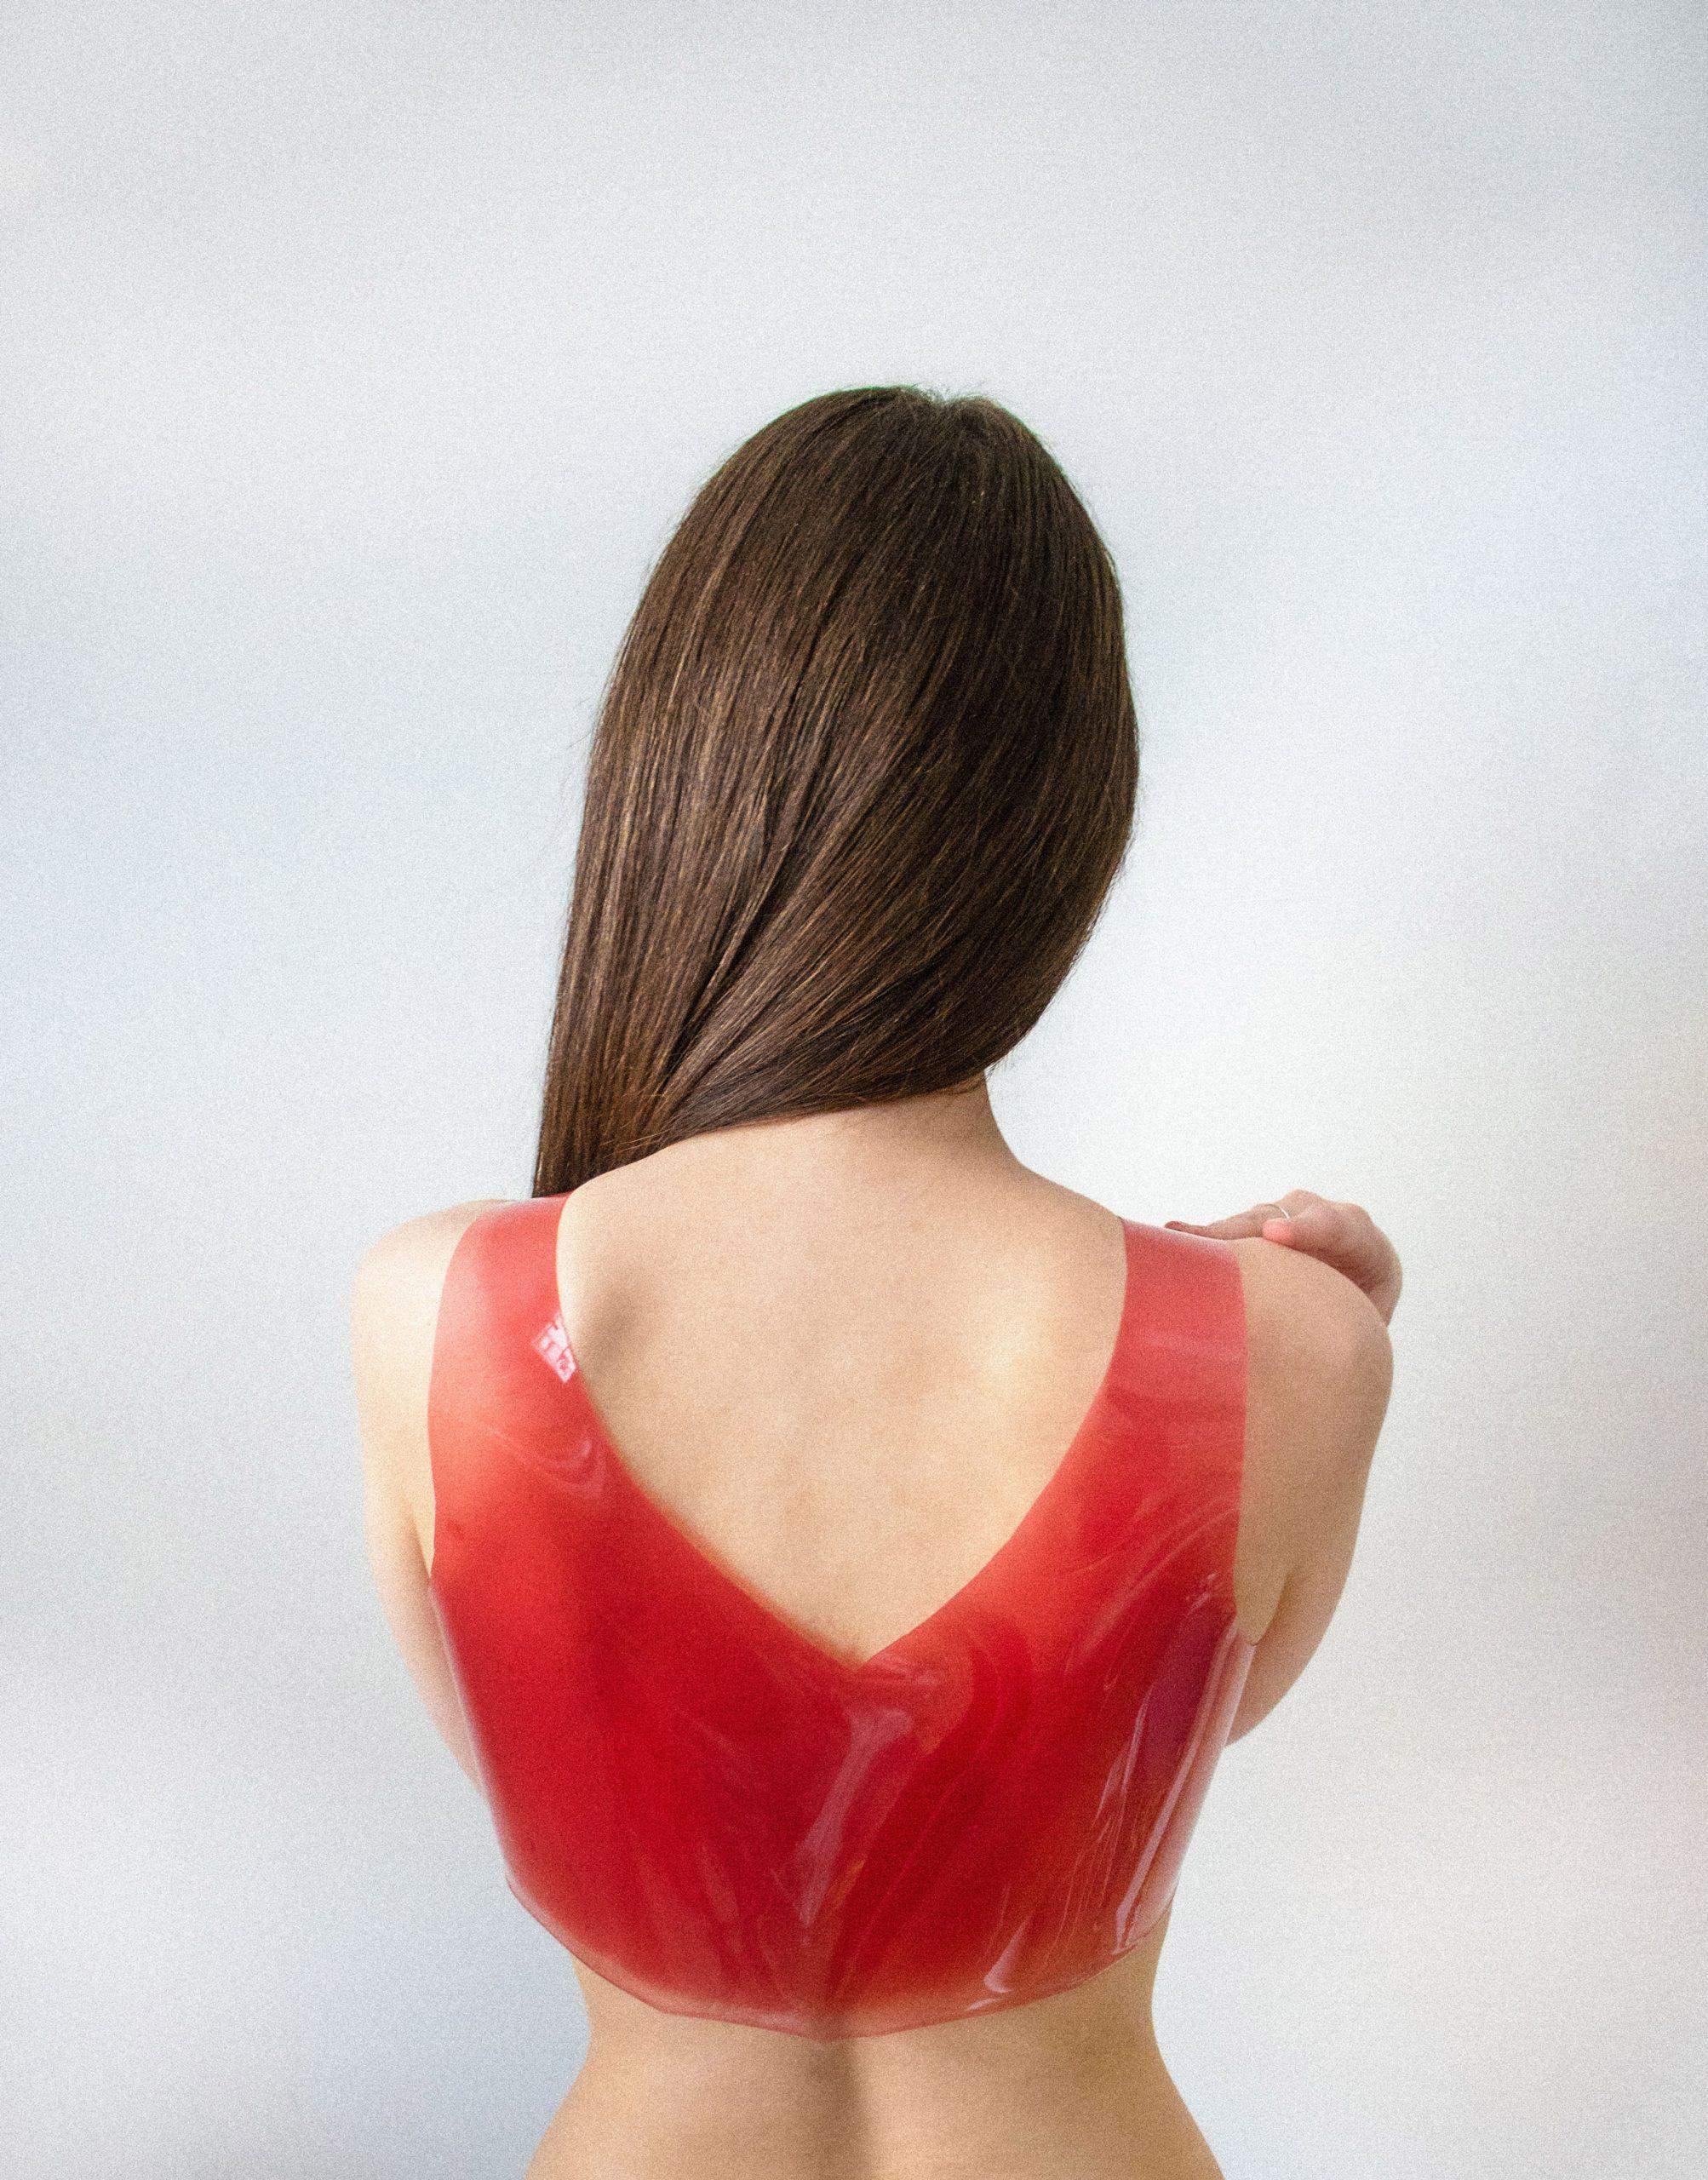 Можна розтопити й переробити: дизайнер придумав одяг з желе